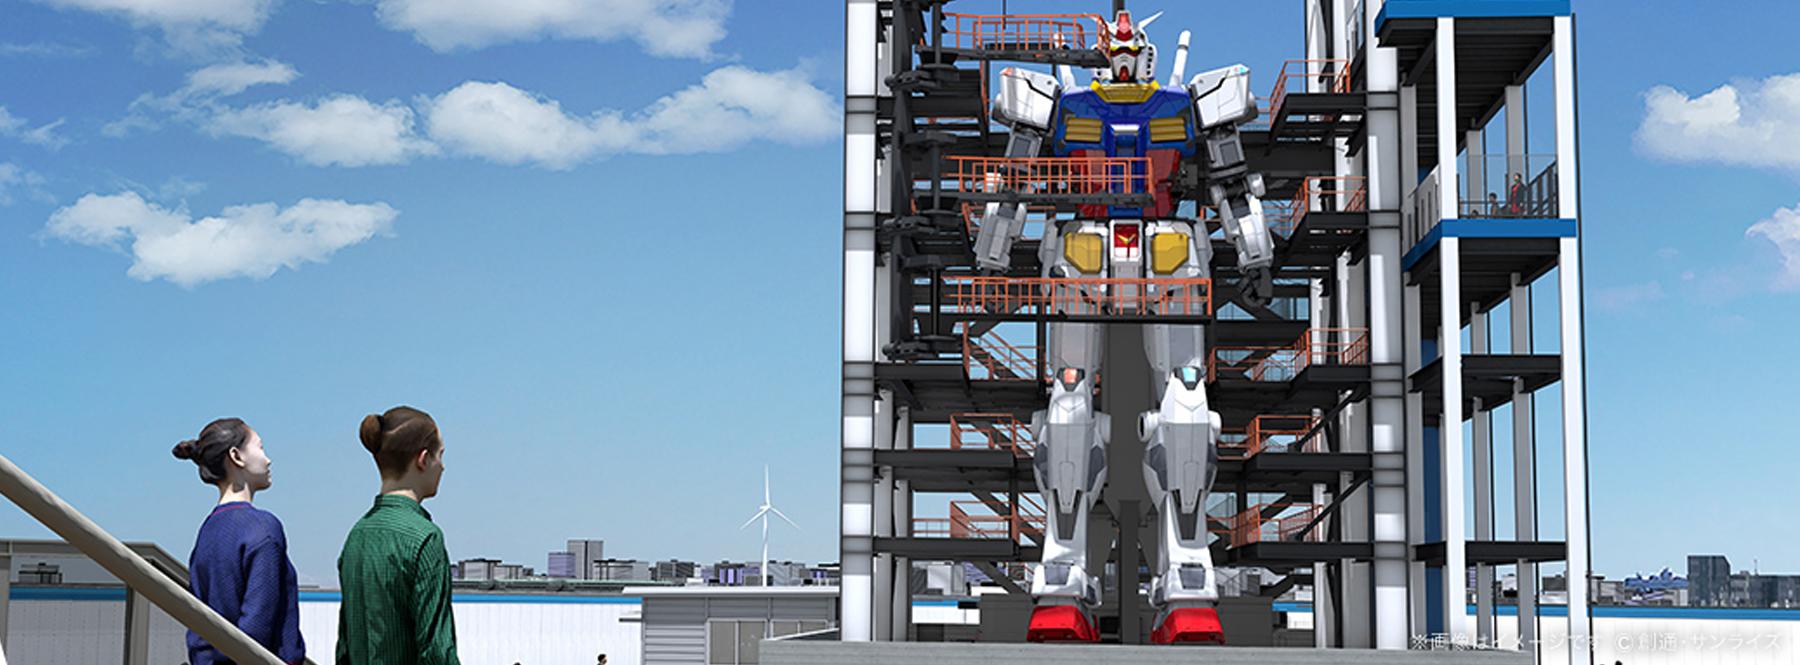 Japón anuncia la creación de un Gundam gigante, de casi 20 metros, que podrá caminar